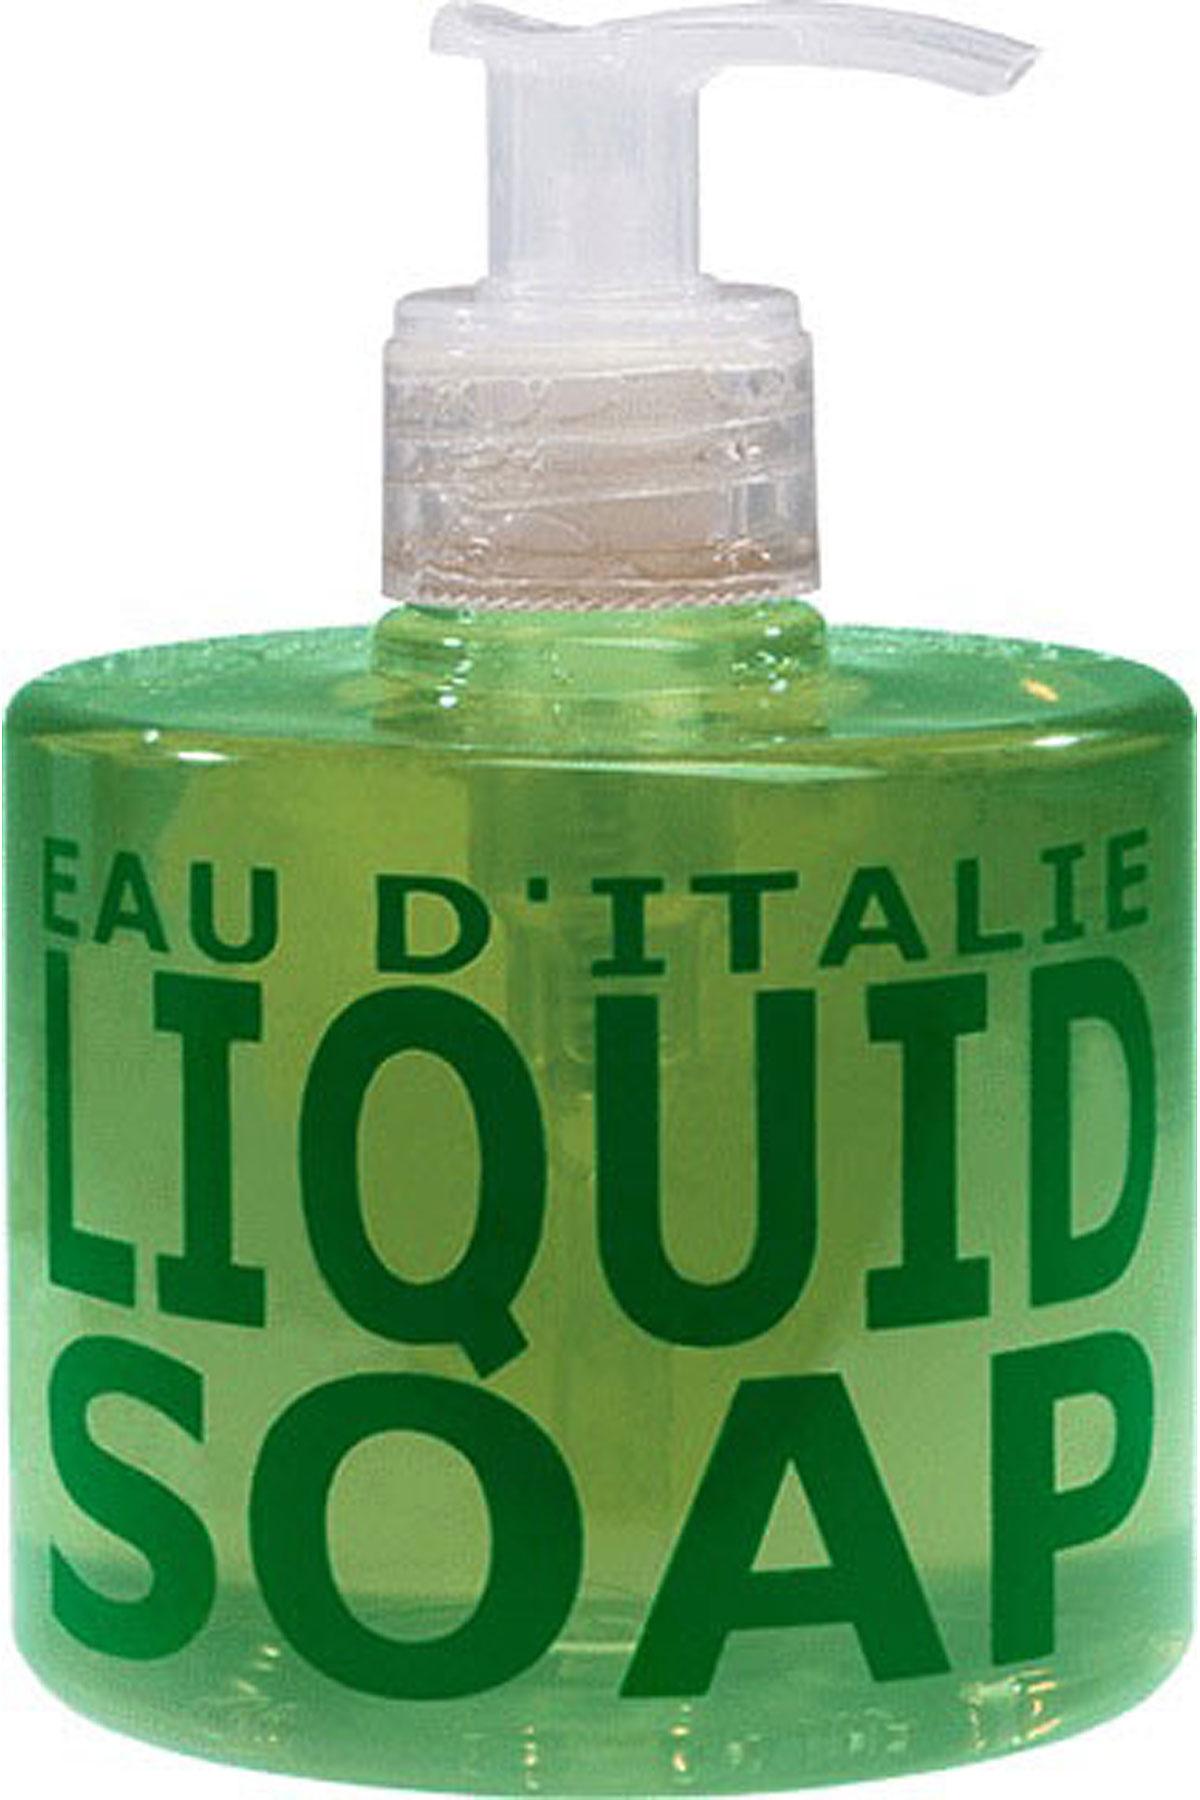 Eau D Italie Beauty for Men, Eau D Italie - Liquid Soap - 300 Ml, 2019, 300 ml